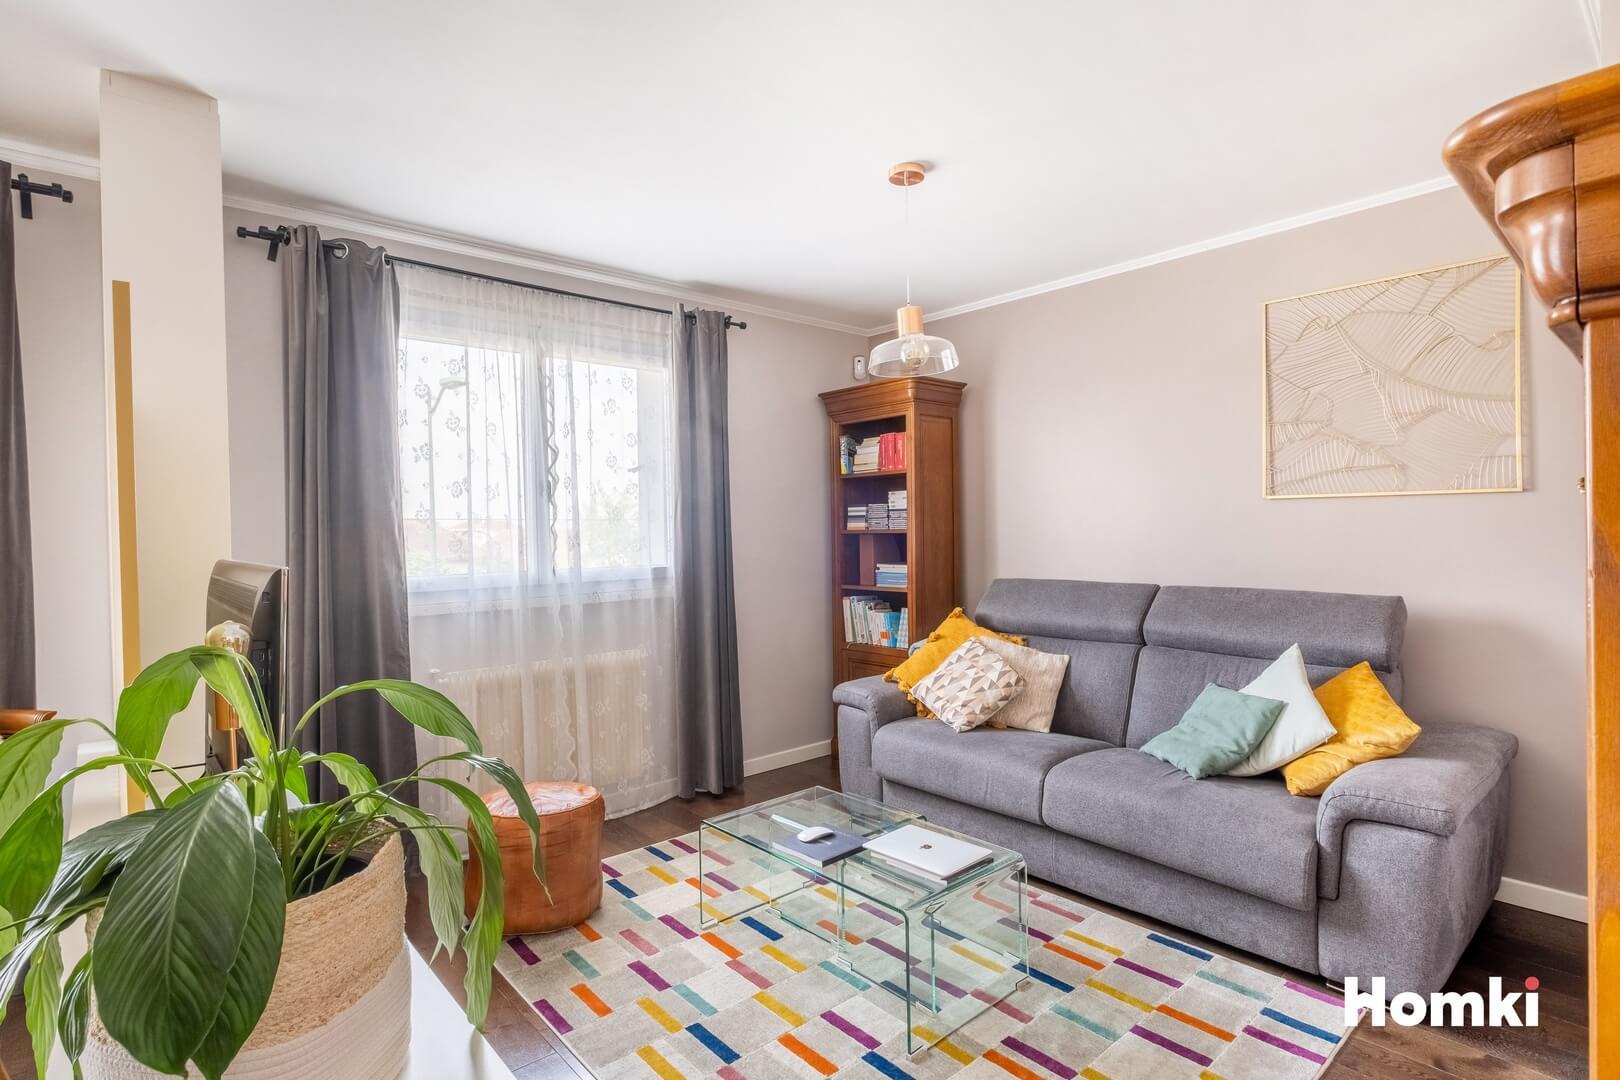 Homki - Vente Appartement  de 80.0 m² à Toulouse 31500